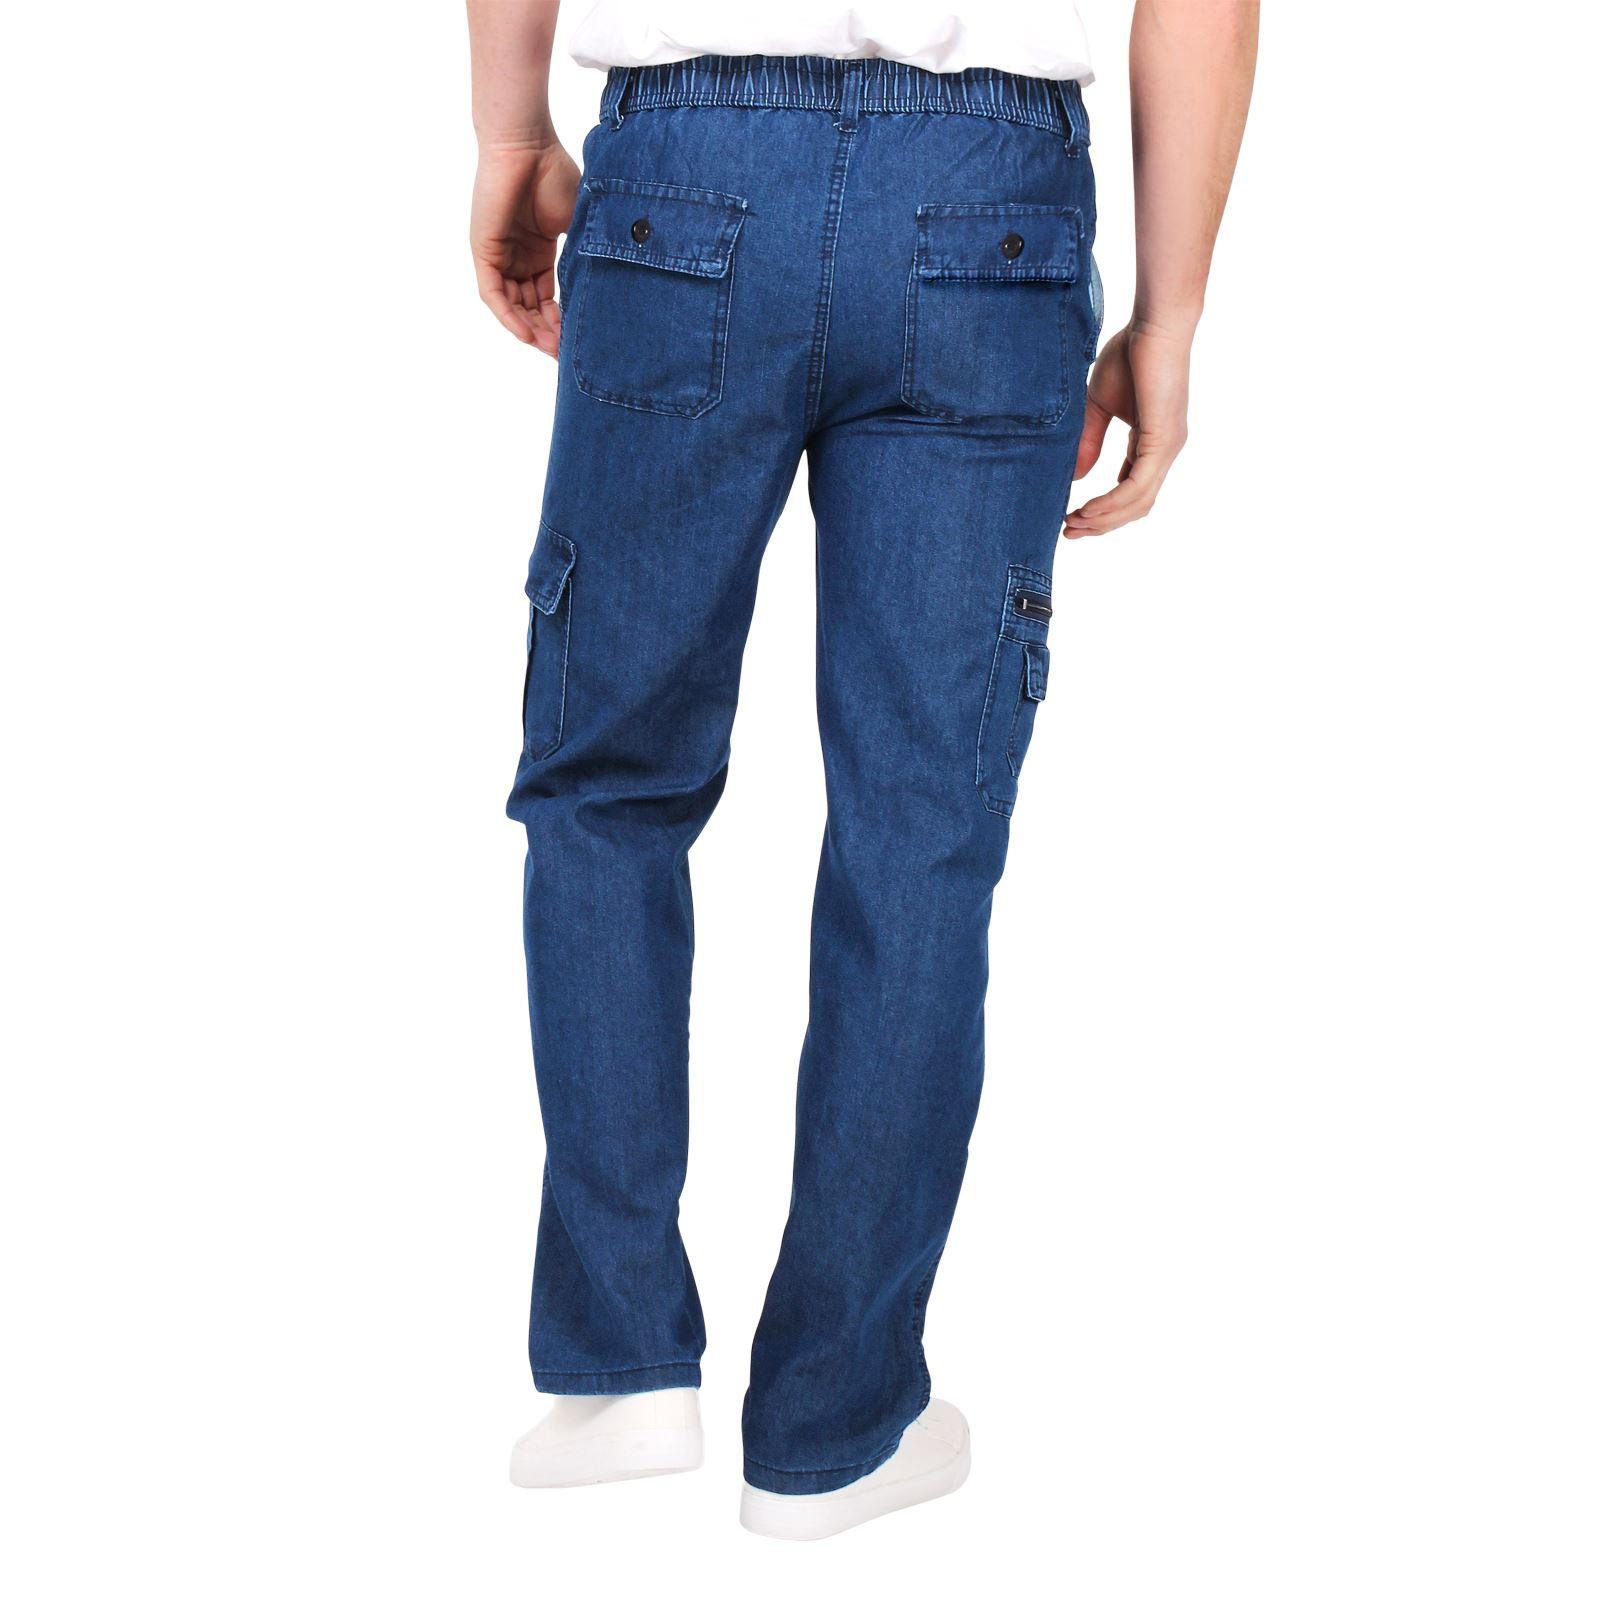 Pantalón Largo Hombre Vaquero Bolsillos Cargo Cintura Elástica Cómodos Verano